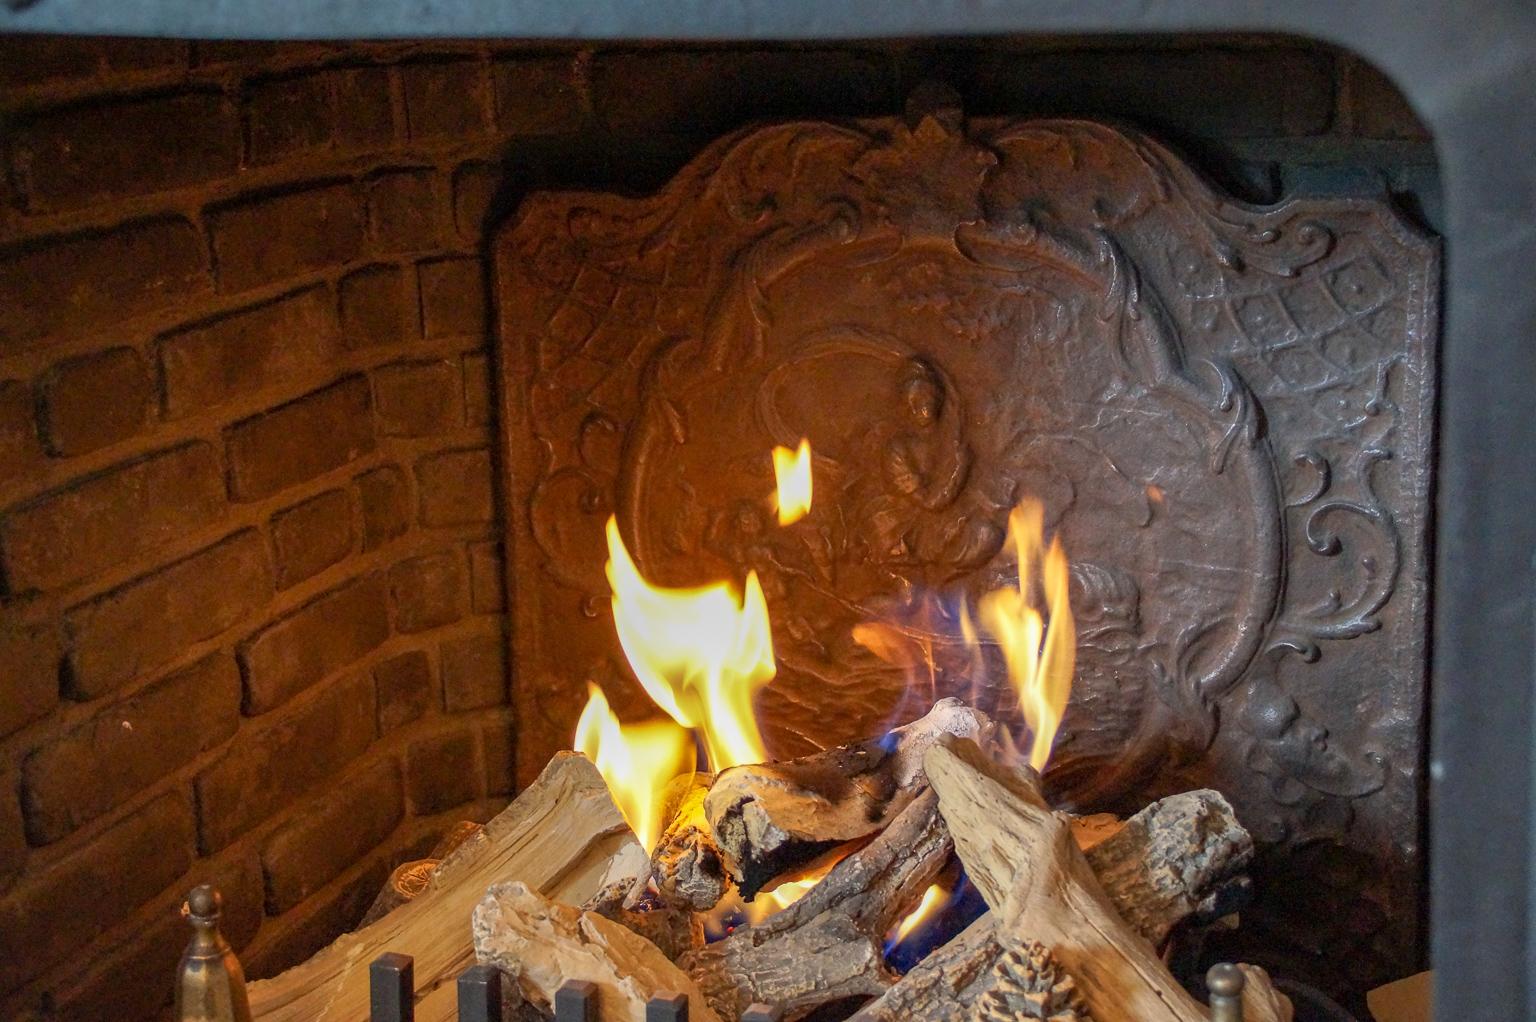 Accessoires de cheminée aux Pays Bas